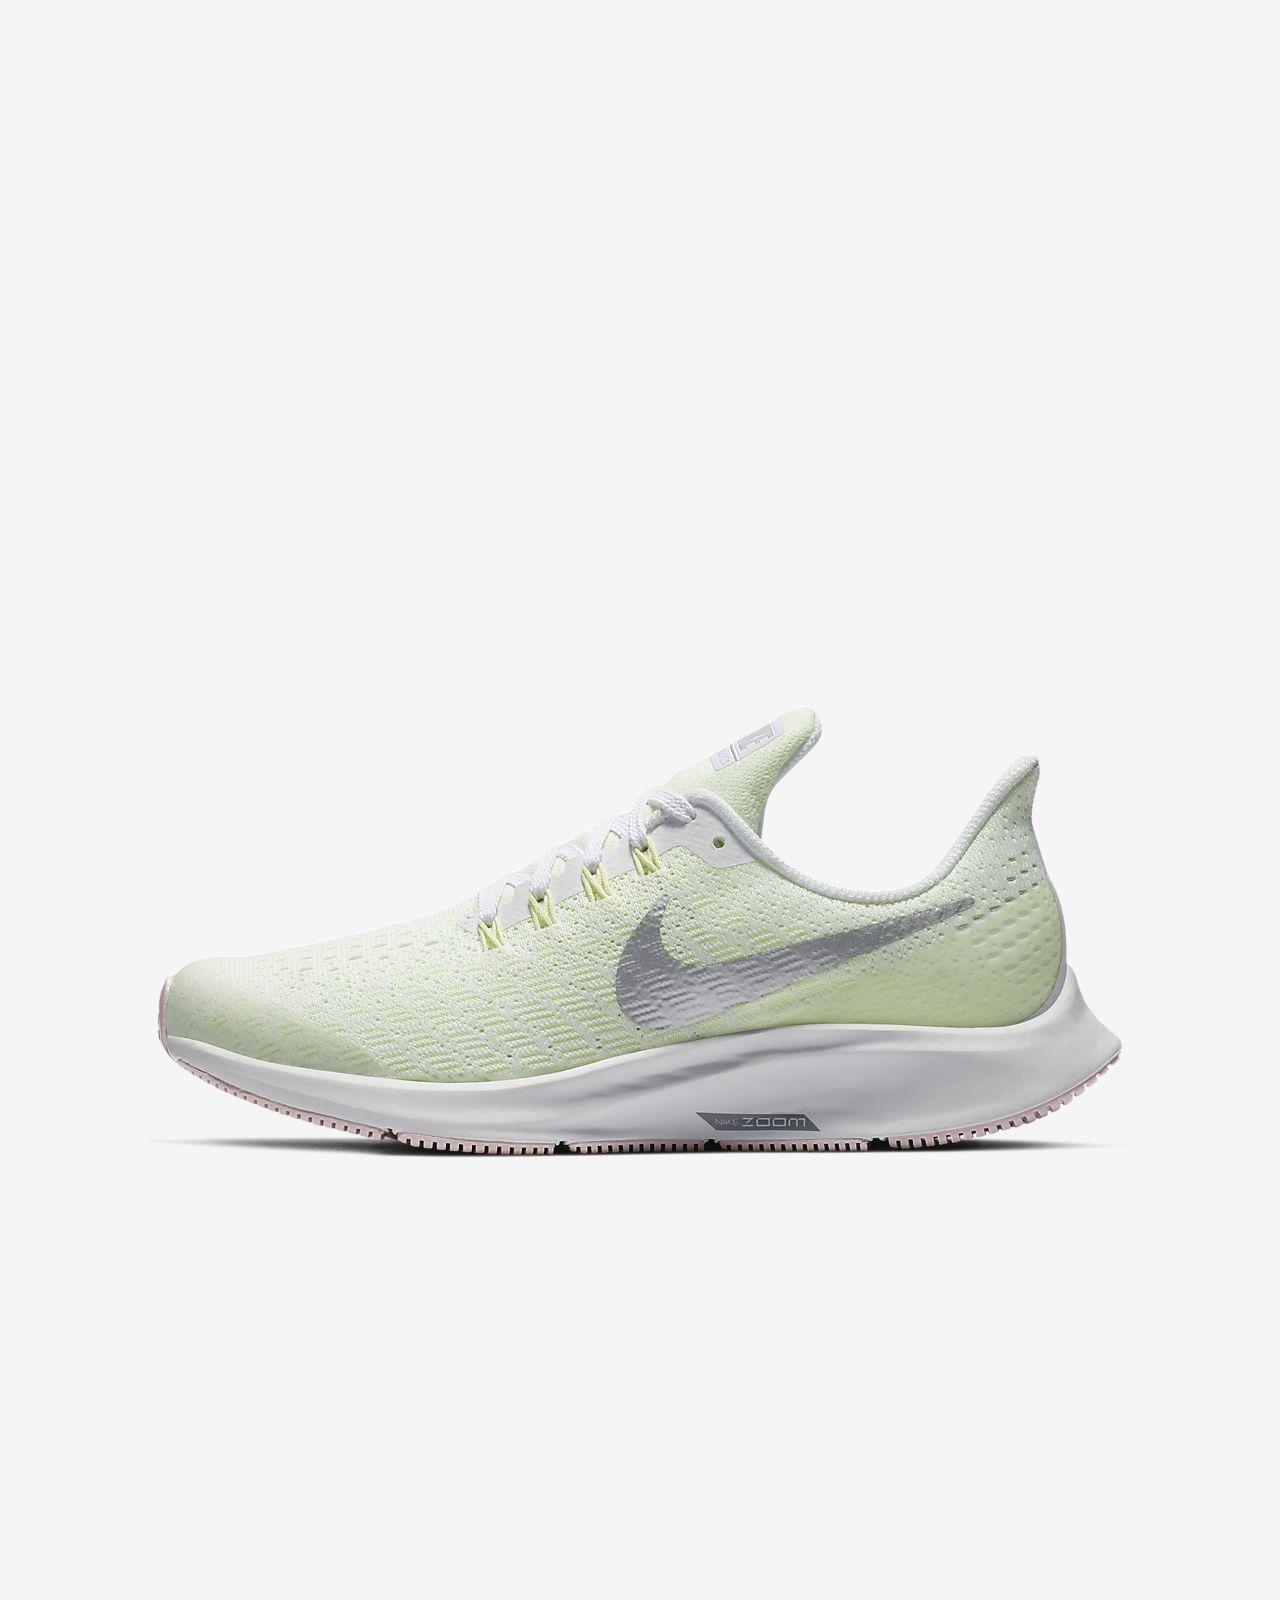 6a204e59429 ... Calzado de running para niños talla pequeña grande Nike Air Zoom  Pegasus 35